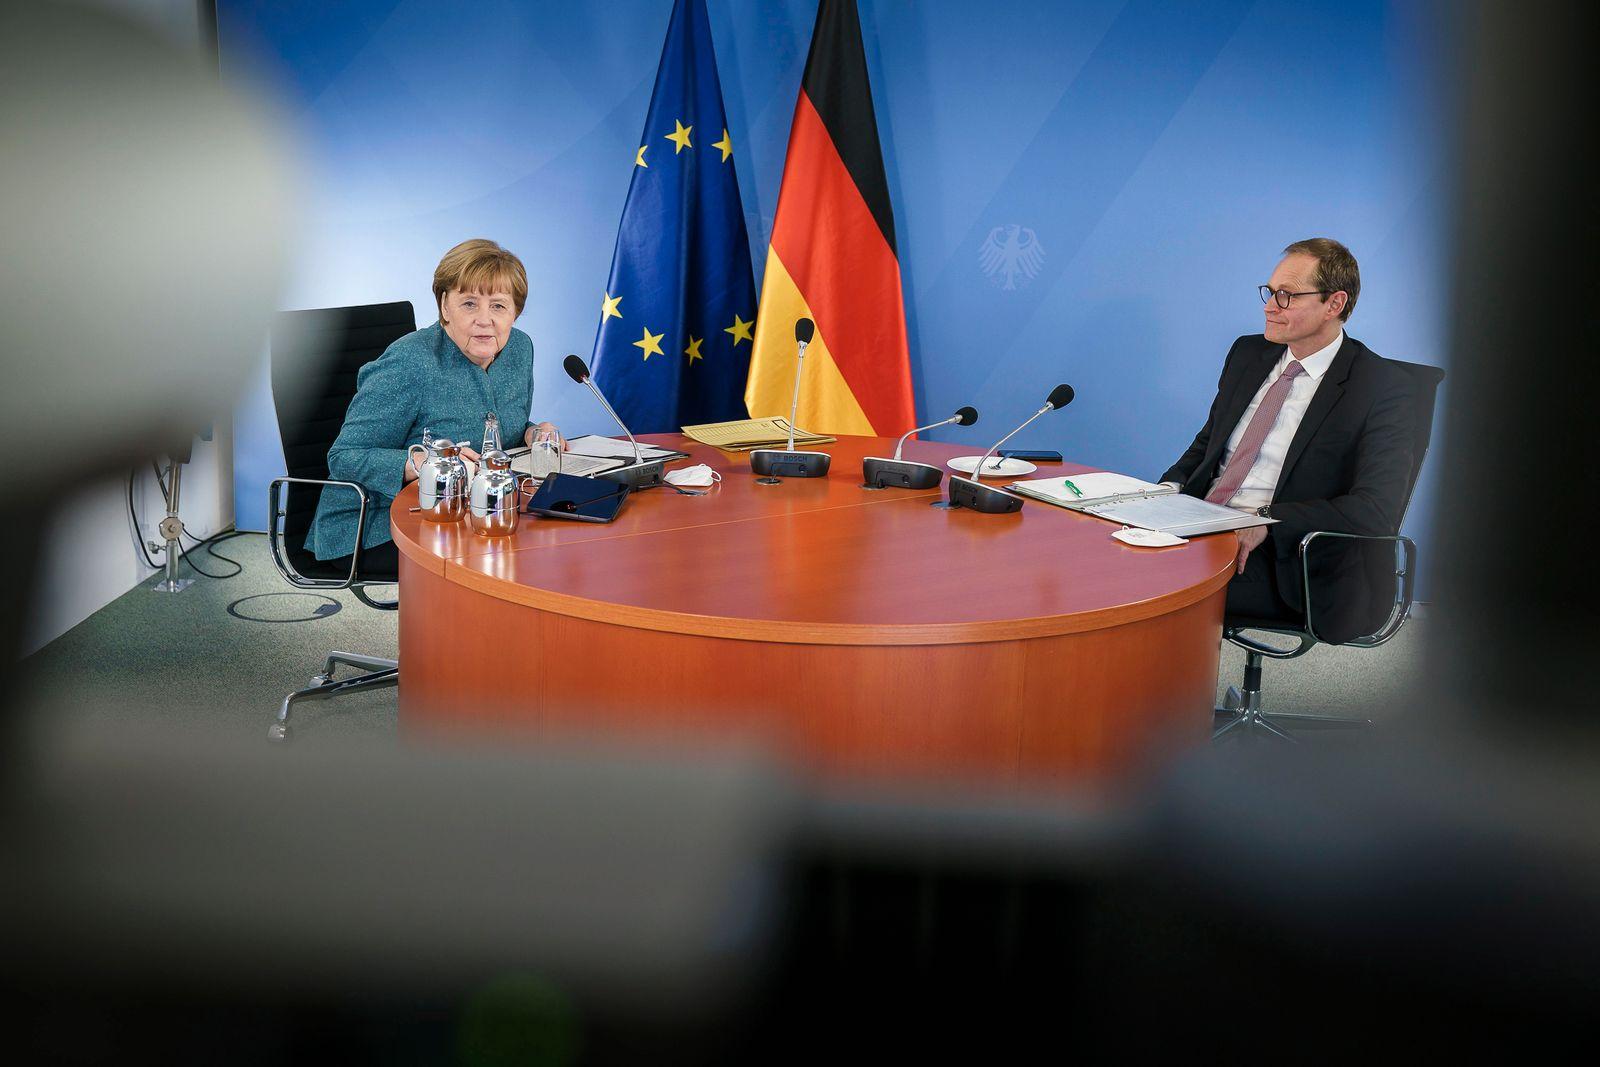 Merkel meets with regional leaders